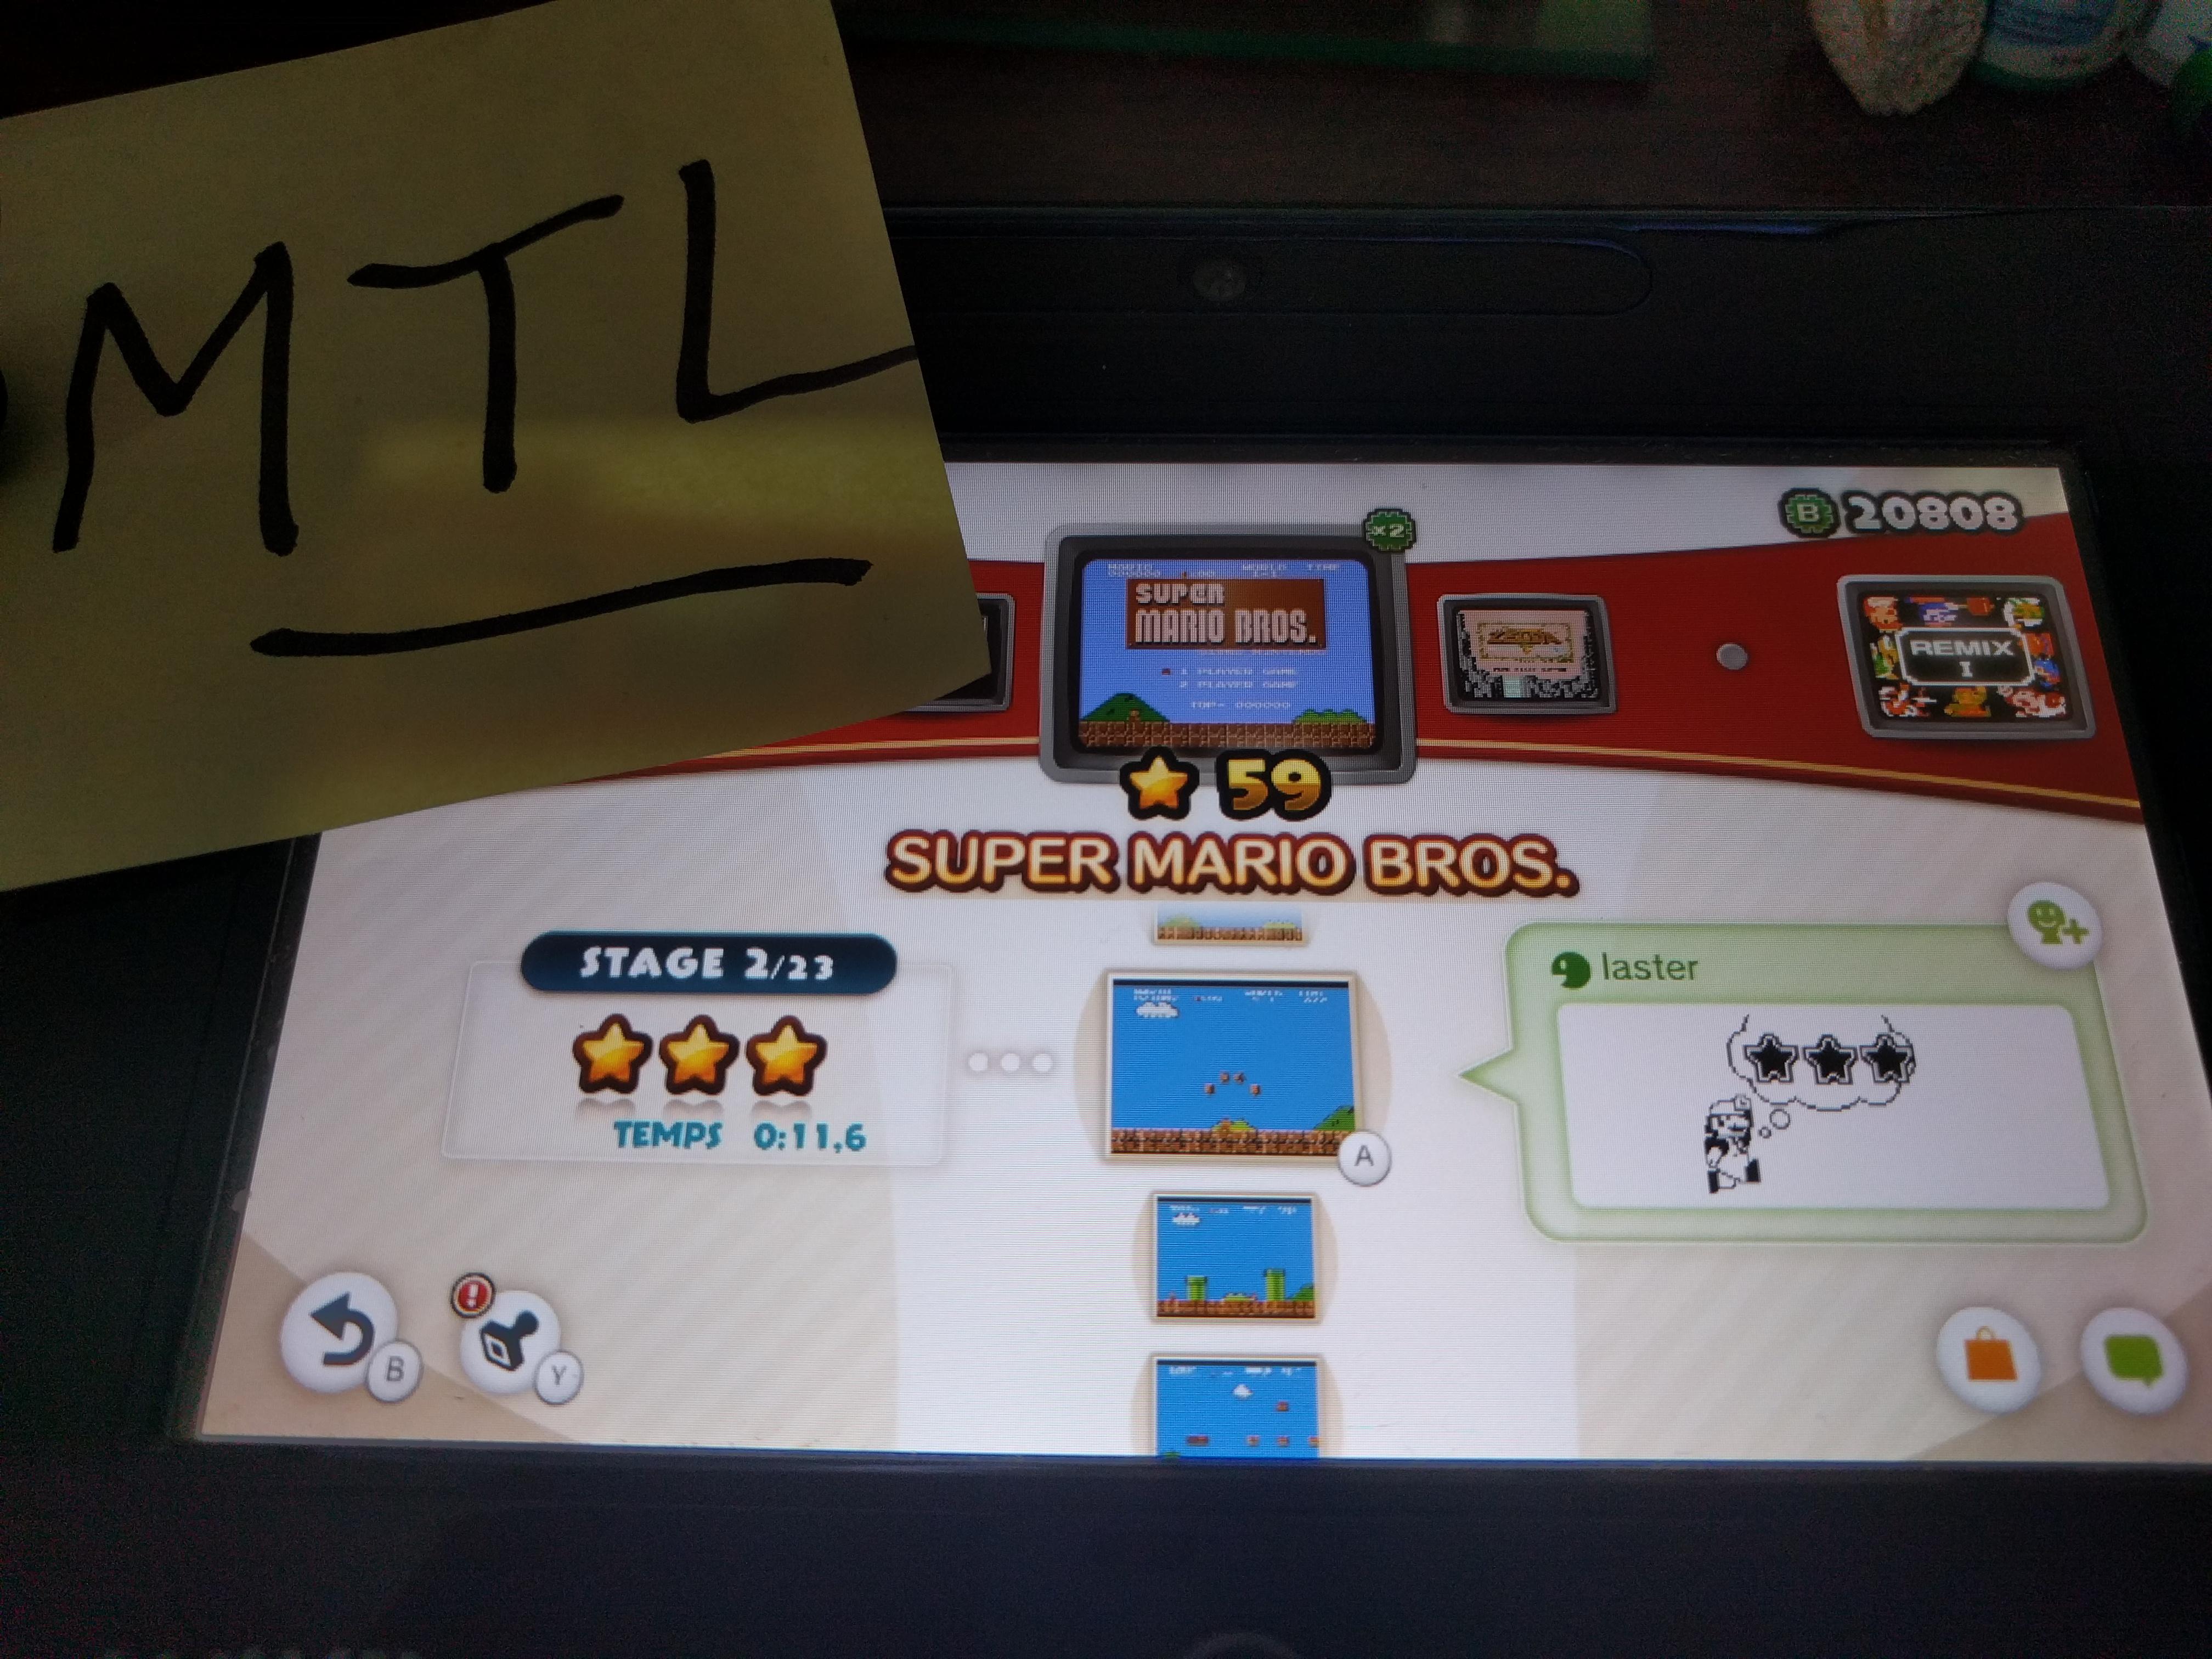 Mantalow: NES Remix: Super Mario Bros: Stage 2 (Wii U) 0:00:11.6 points on 2016-06-10 05:15:50